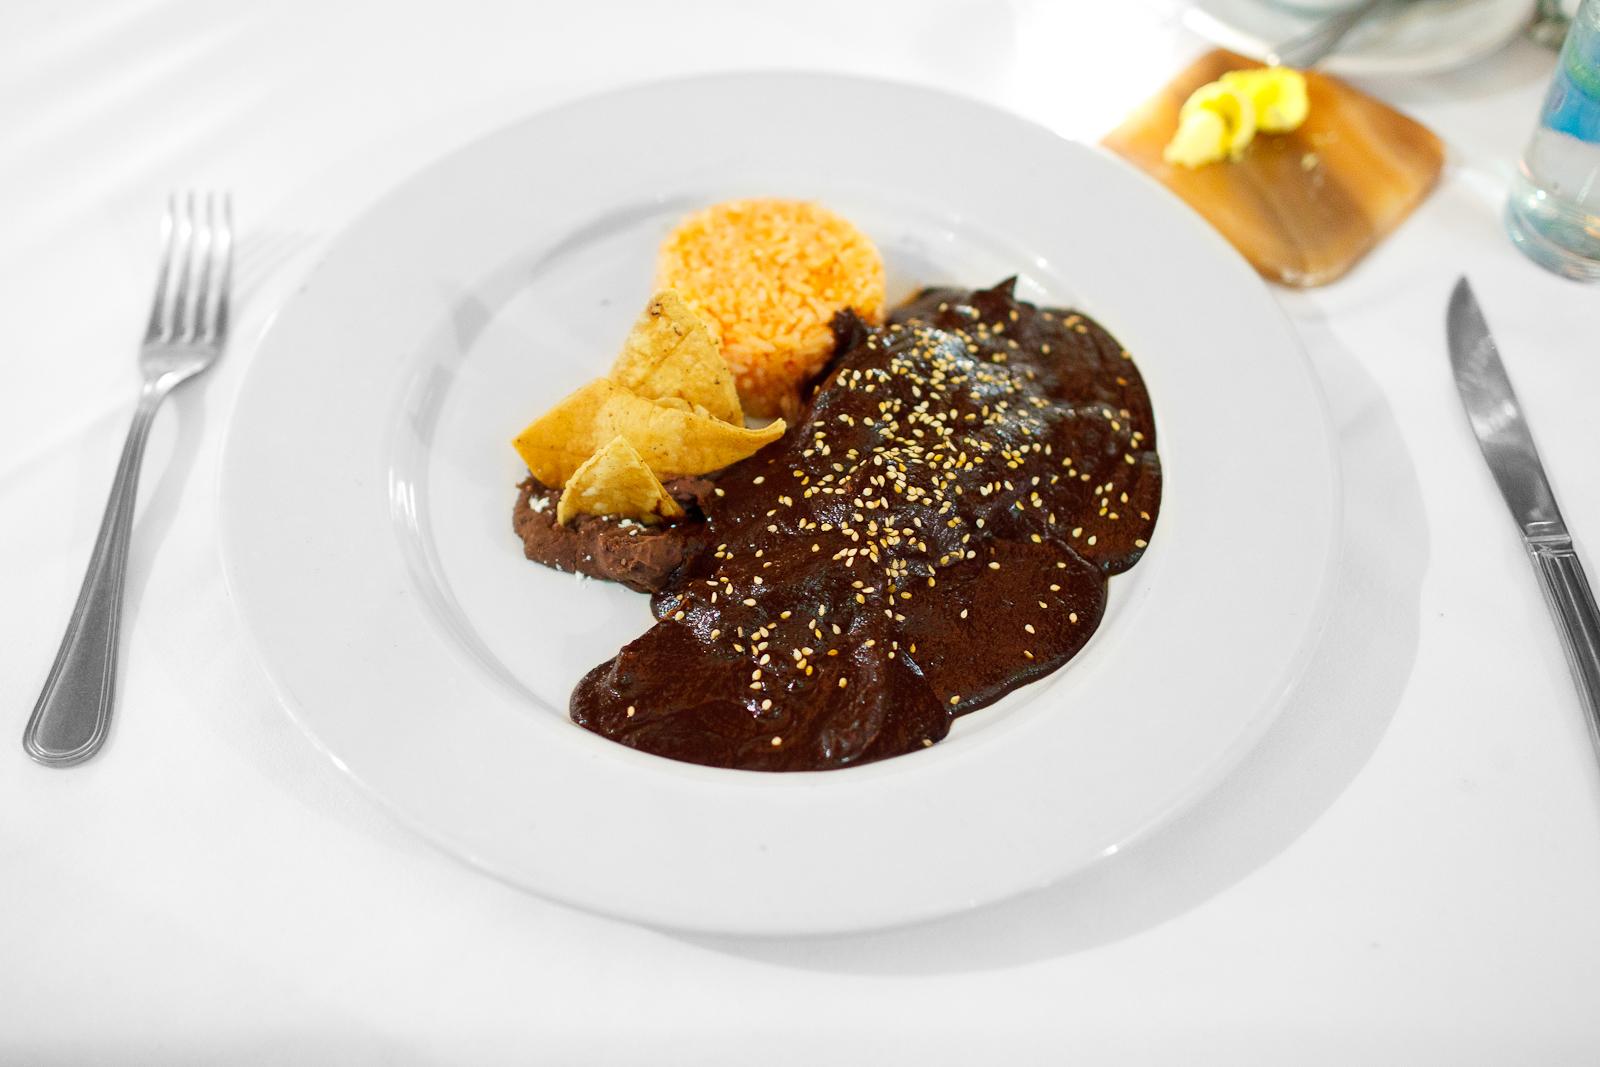 Mole Poblano de pato, hecho a base de chiles secos, frutos, chocolate, semillas, y especias (Pueblan mole over duck) ($195 MXP)